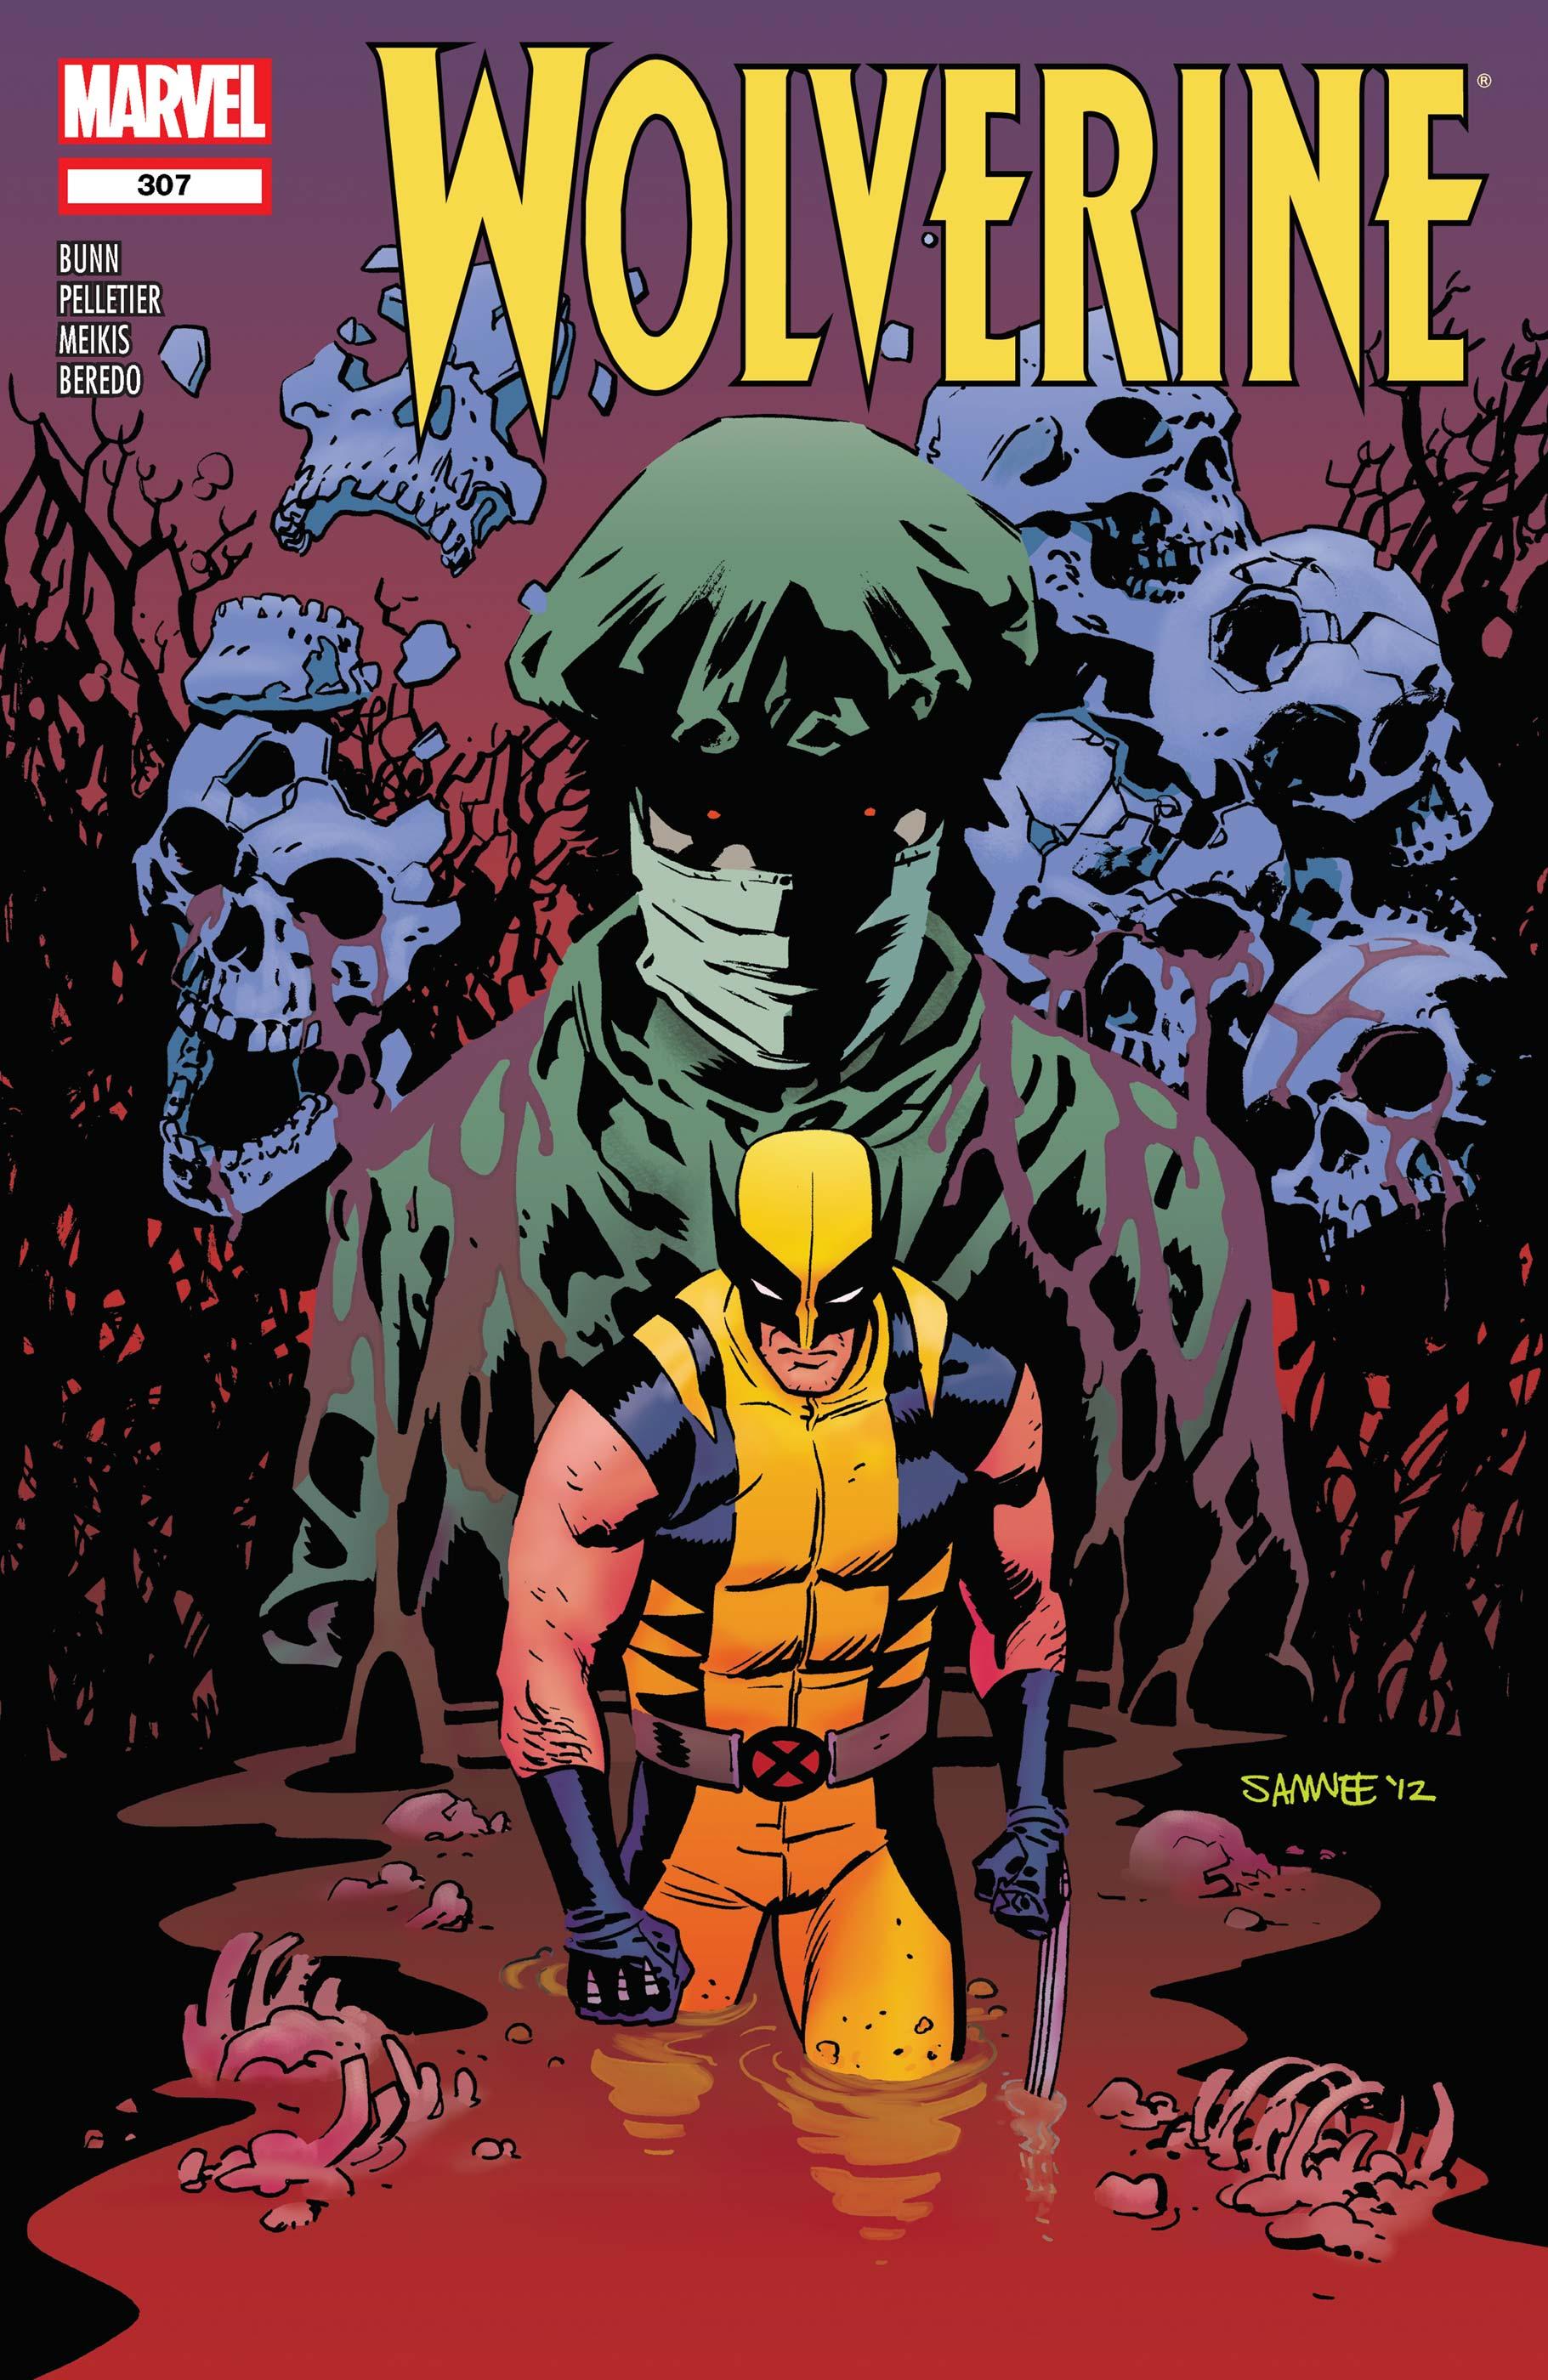 Wolverine (2010) #307